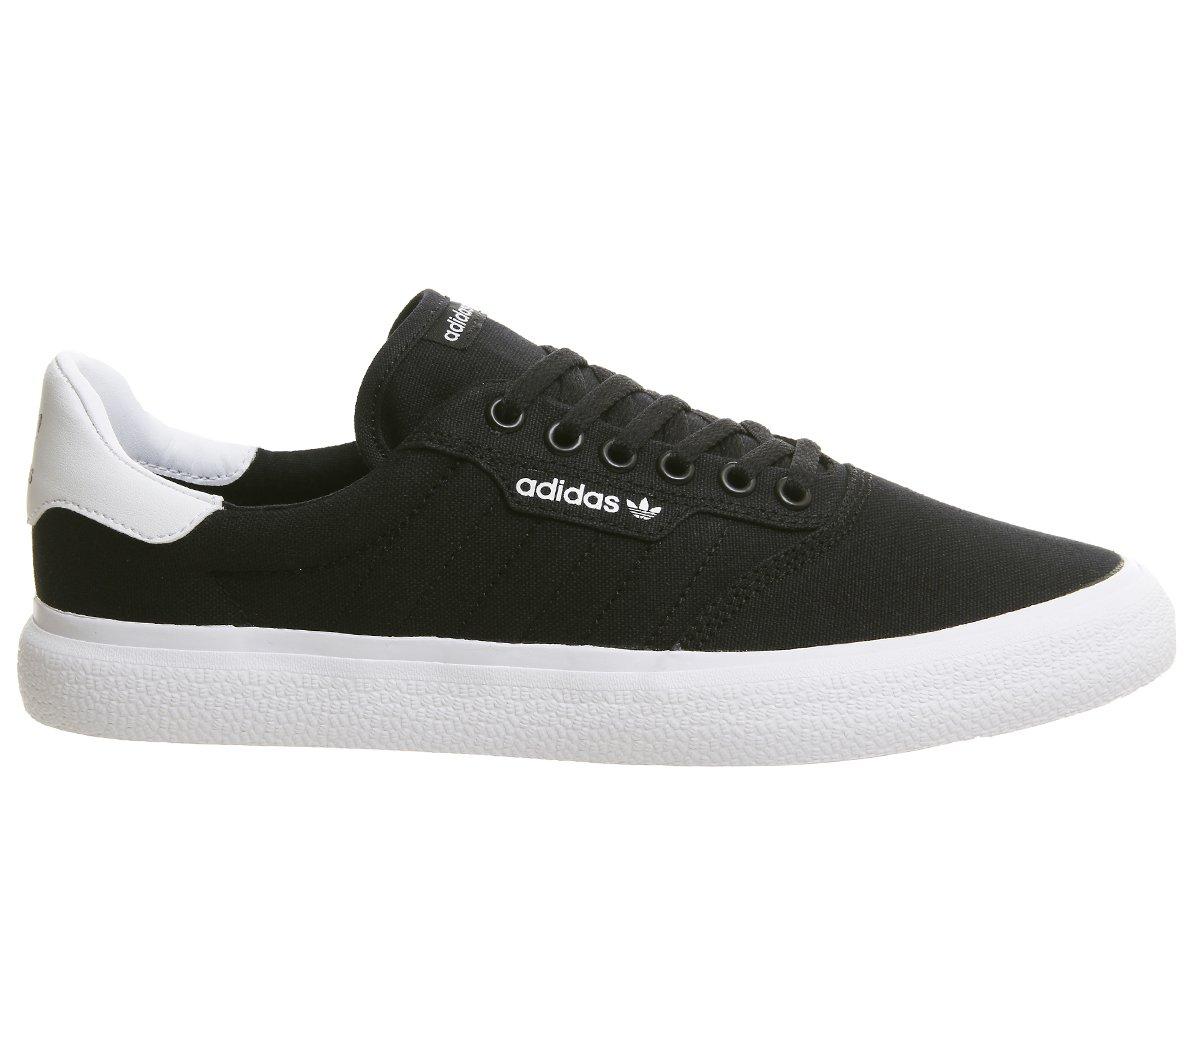 Adidas 3MC Calzado 40 EU|Negro (Negbás/Ftwbla 000) Zapatos de moda en línea Obtenga el mejor descuento de venta caliente-Descuento más grande